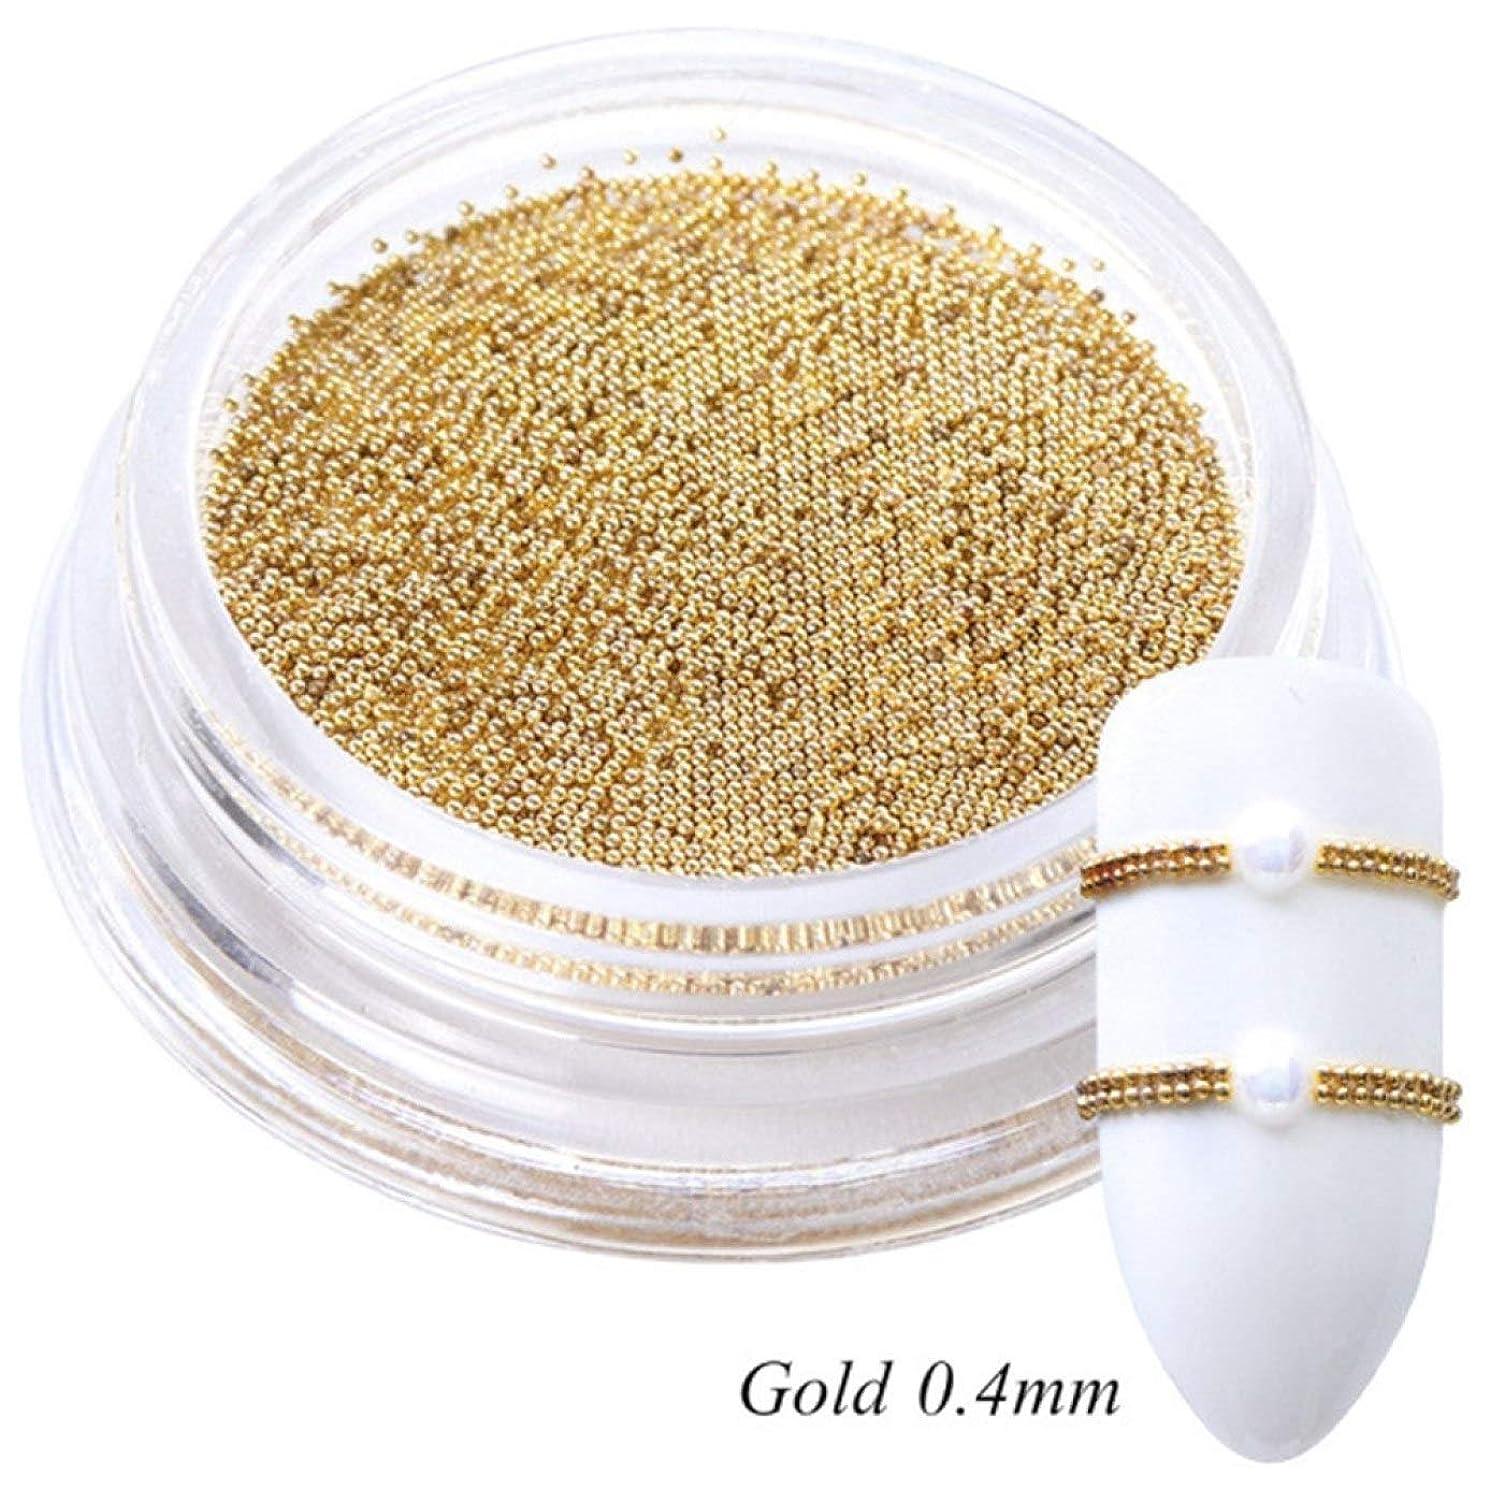 水銀の戦士石鹸Quzama-JS 特別な12 G 0.4 mmネイルアート金属ミニキャビアビーズ3 Dチャームラインストーンマイクロビーズ装飾(None 0.4 mm Pearl gold(white bottle) 12g)